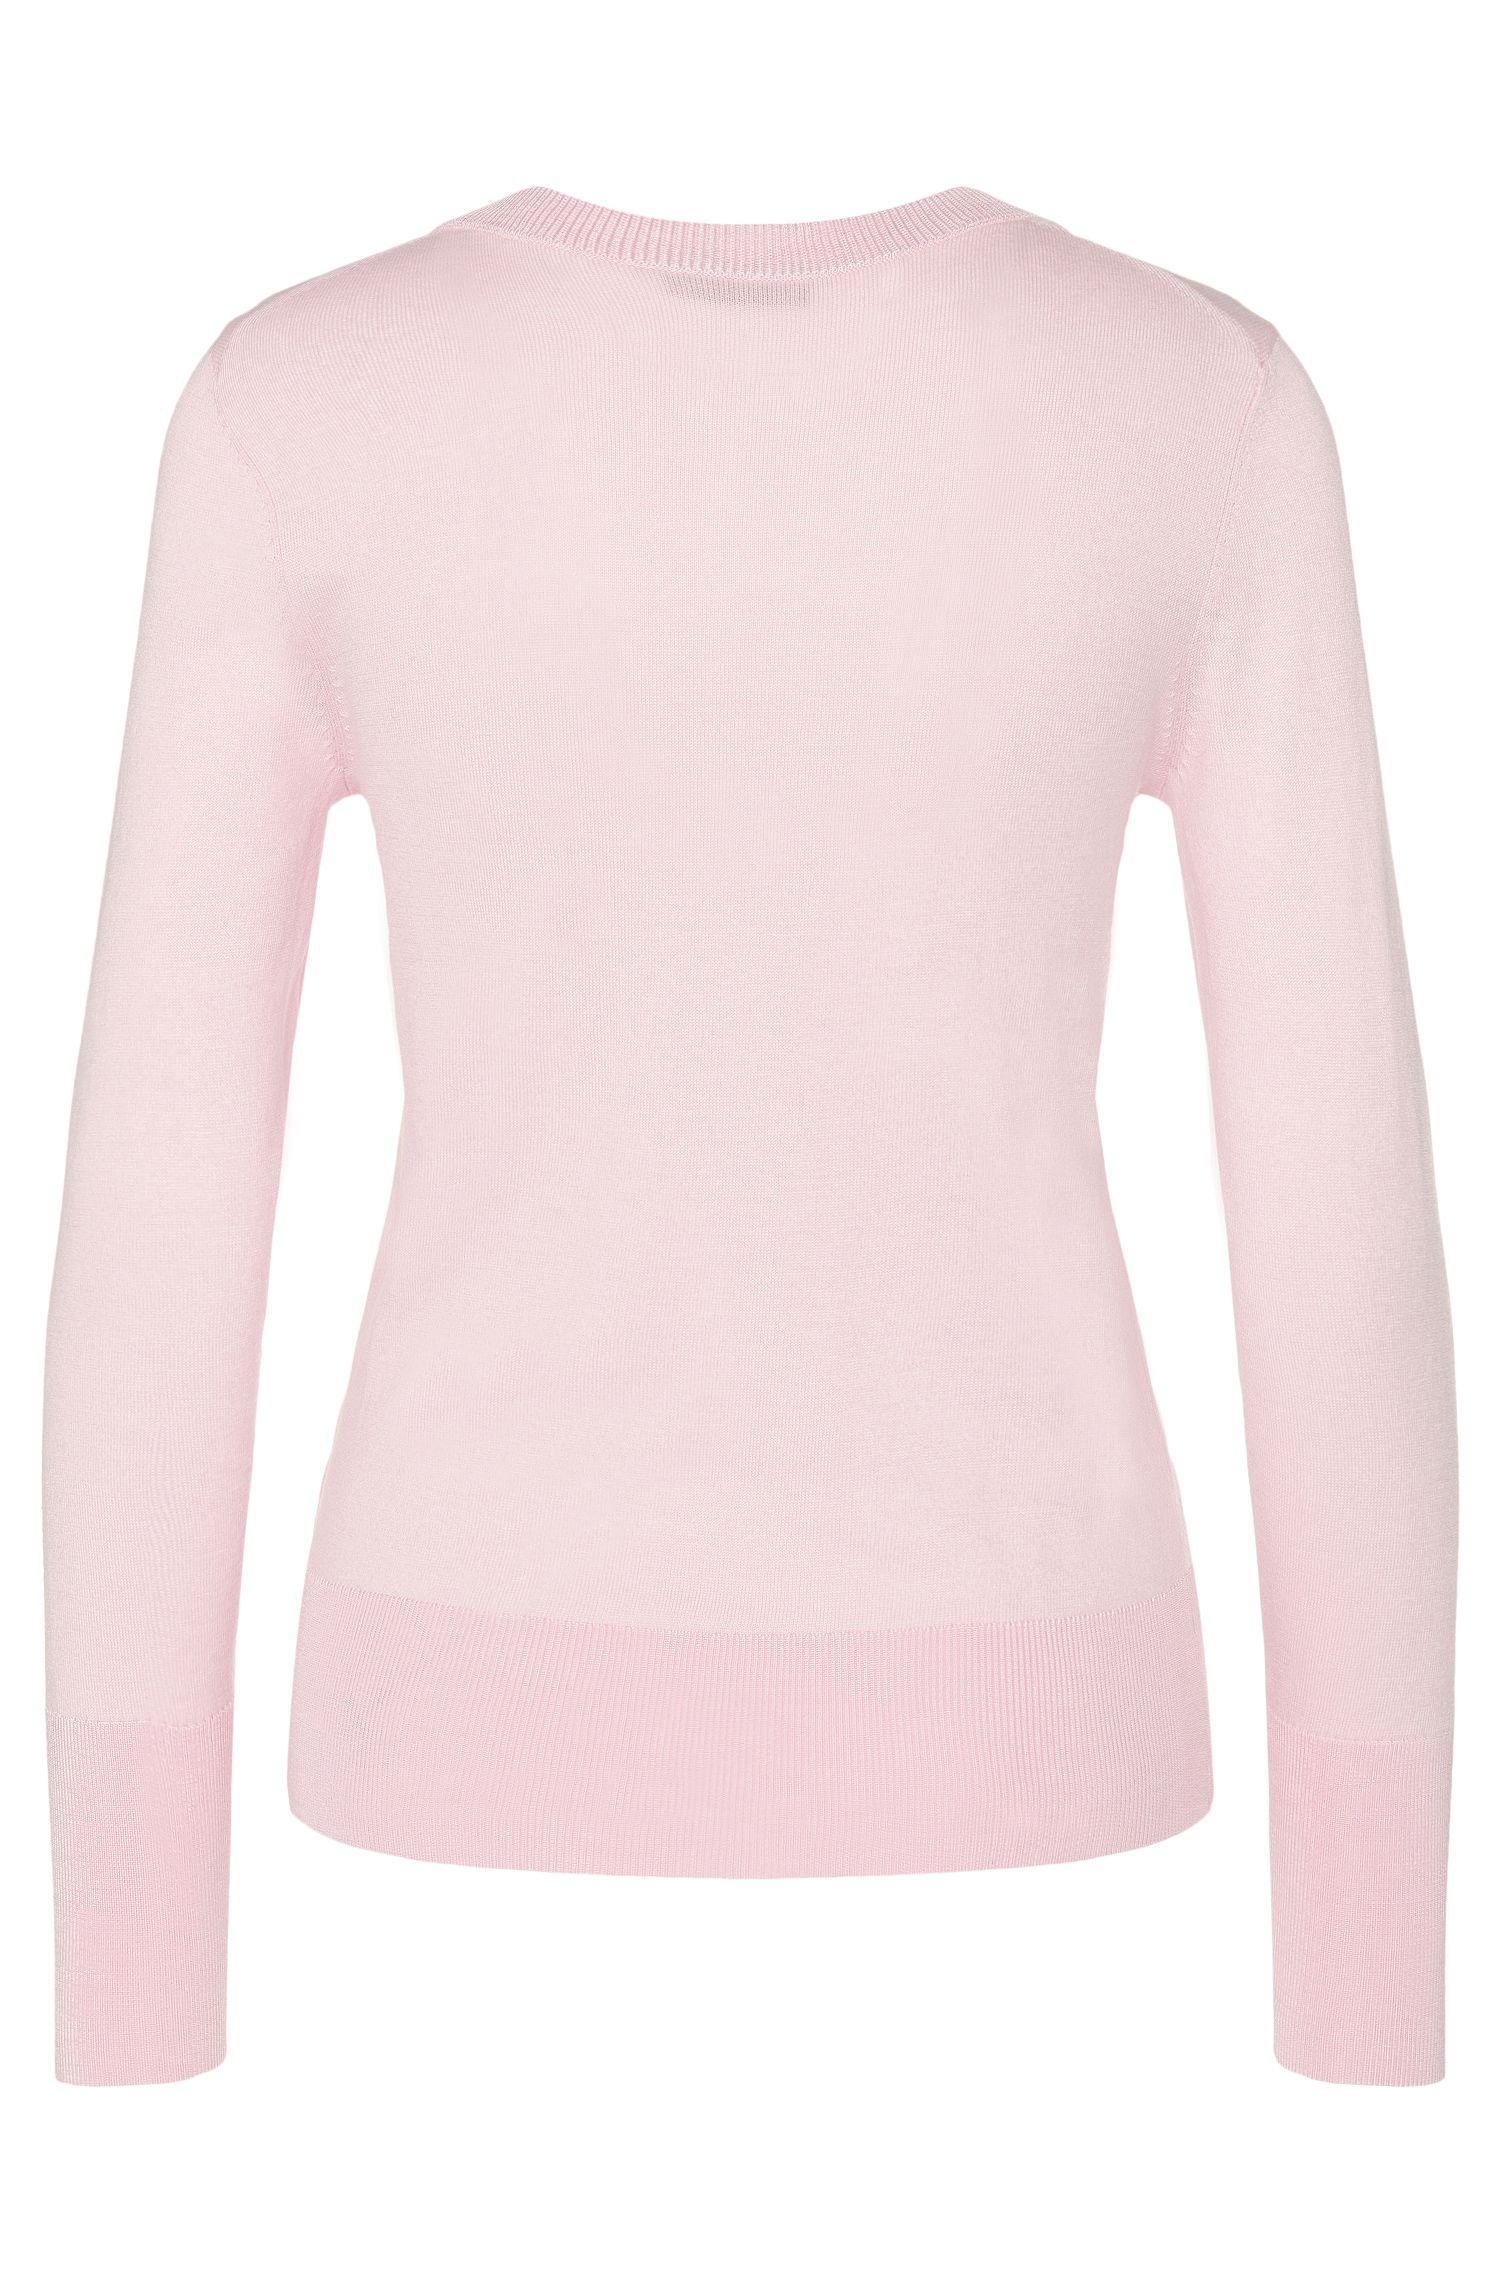 Pullover aus Seiden-Mix mit breitem Rippenbund: 'Senta'